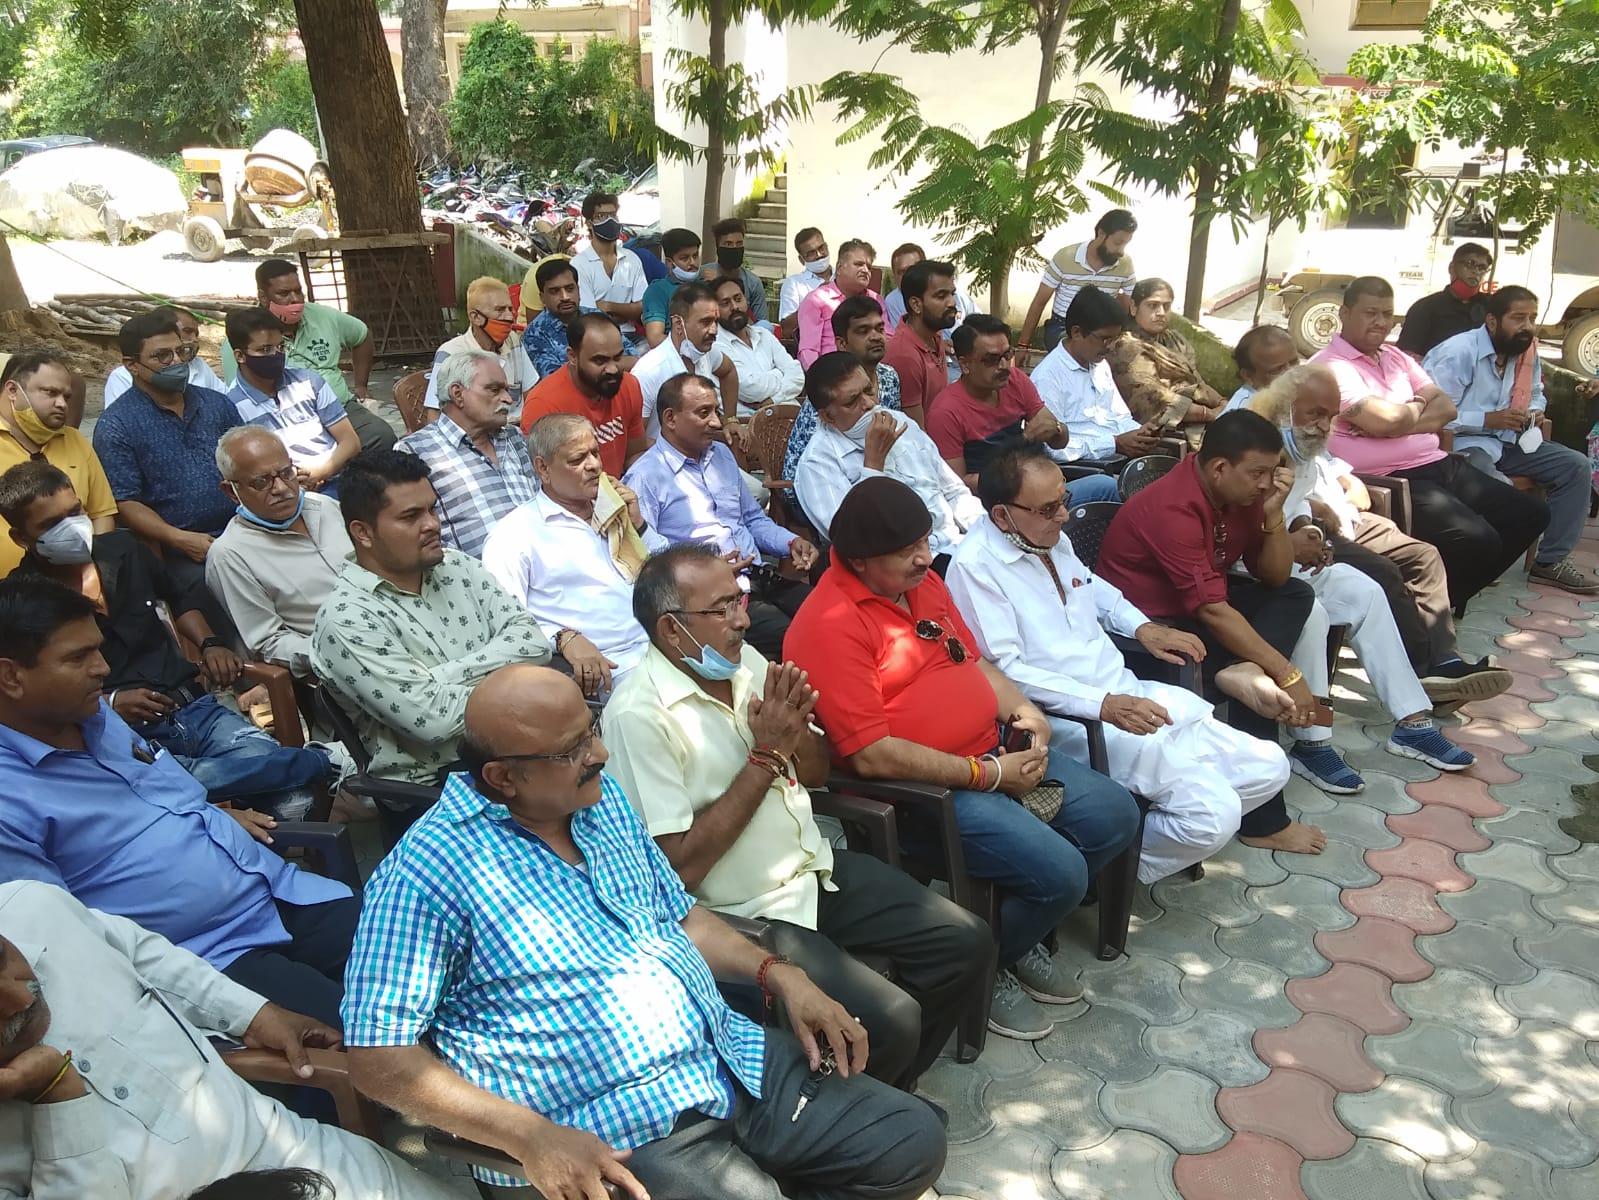 एडीएम, एसडीएम और कोतवाल ने सुलझाया विवाद, राम रेवाड़ी पर होंगे धार्मिक आयोजन, कोरोना गाइड लाइन की पालना के साथ बीच का रास्ता निकाला|बांसवाड़ा,Banswara - Dainik Bhaskar